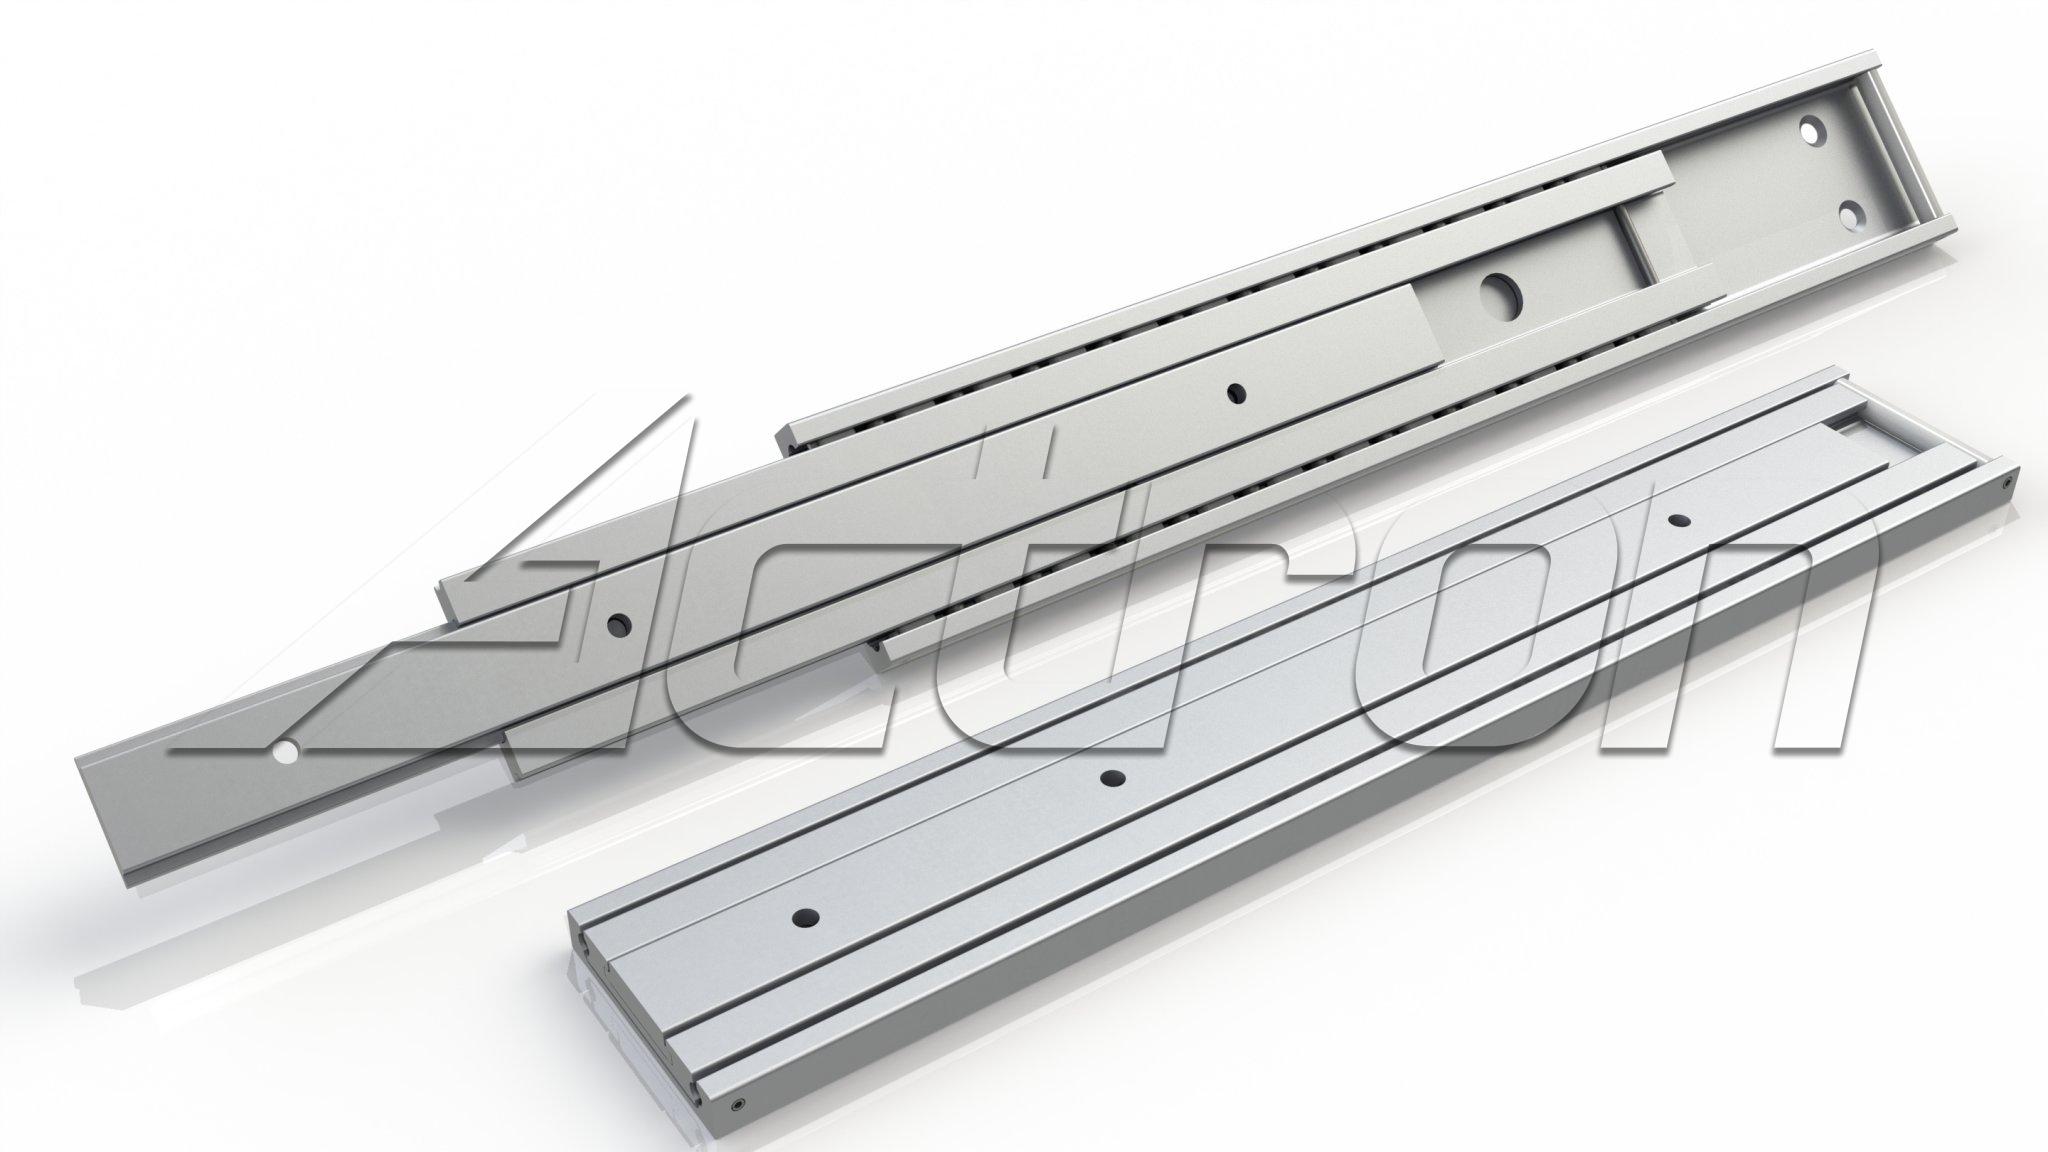 slide-assy-8211-aluminum-31-x-1-62-8243-4932-a5120.jpg